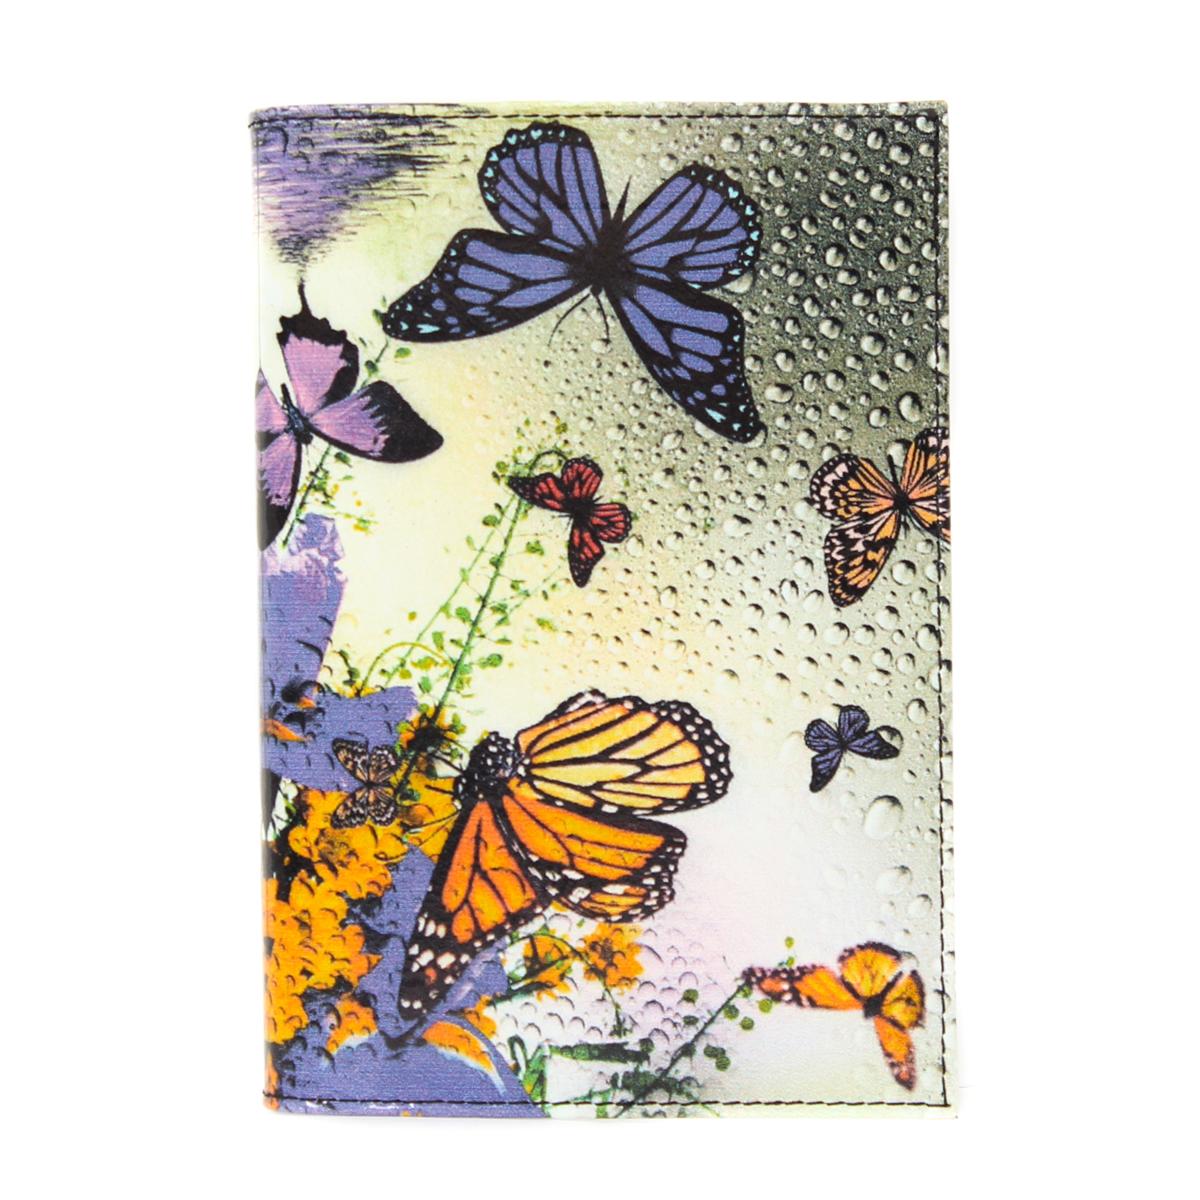 Обложка на паспорт жен. Flioraj, цвет: мультицвет. 0005095200050952Удобная и практичная обложка для документов. Уникальный аксессуар, декорированный качественным фотопринтом.